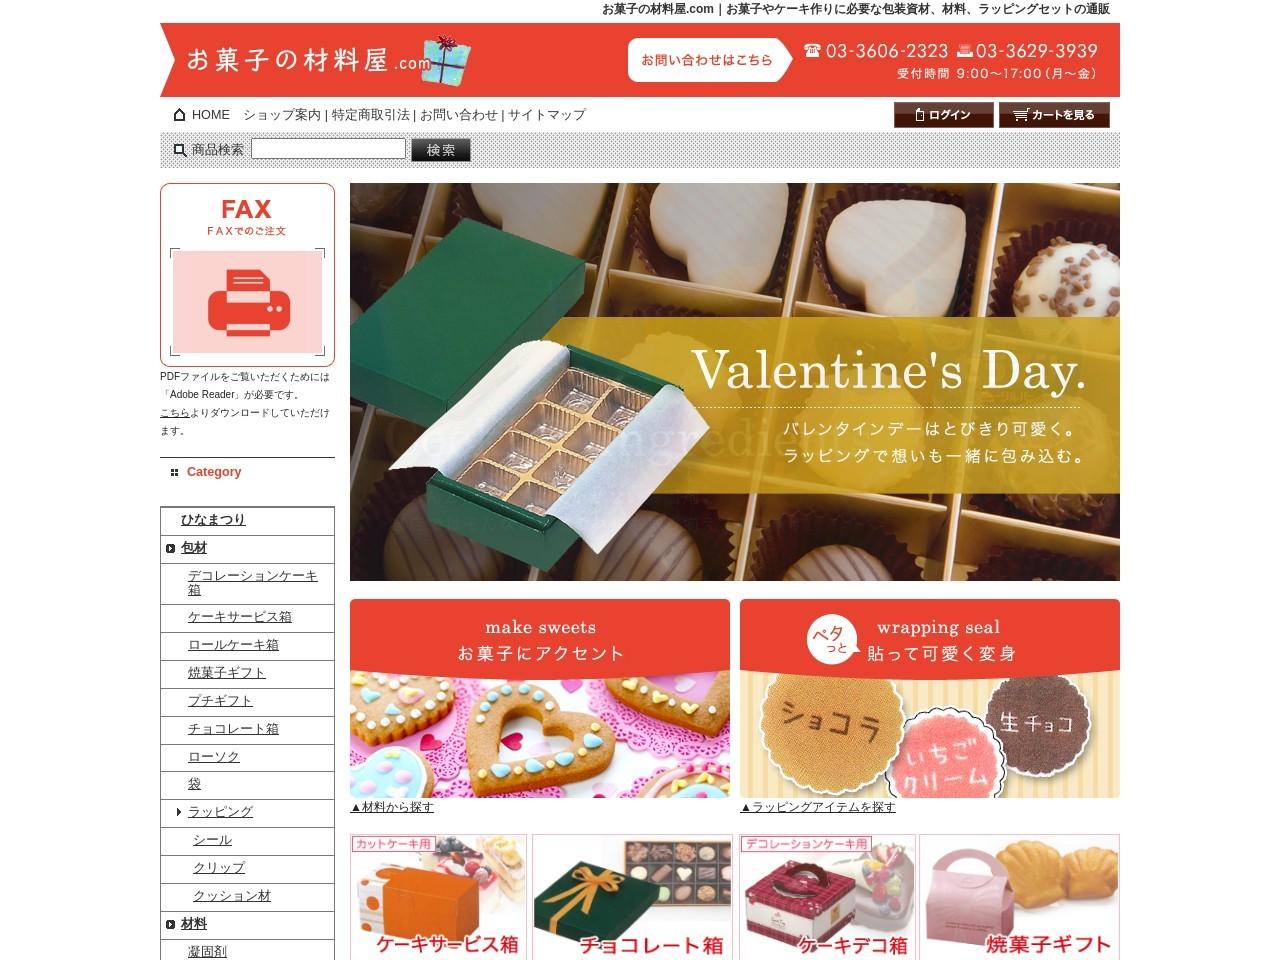 お菓子の材料屋.com|お菓子やケーキ作りに必要な包装資材、材料、ラッピングセットの通販